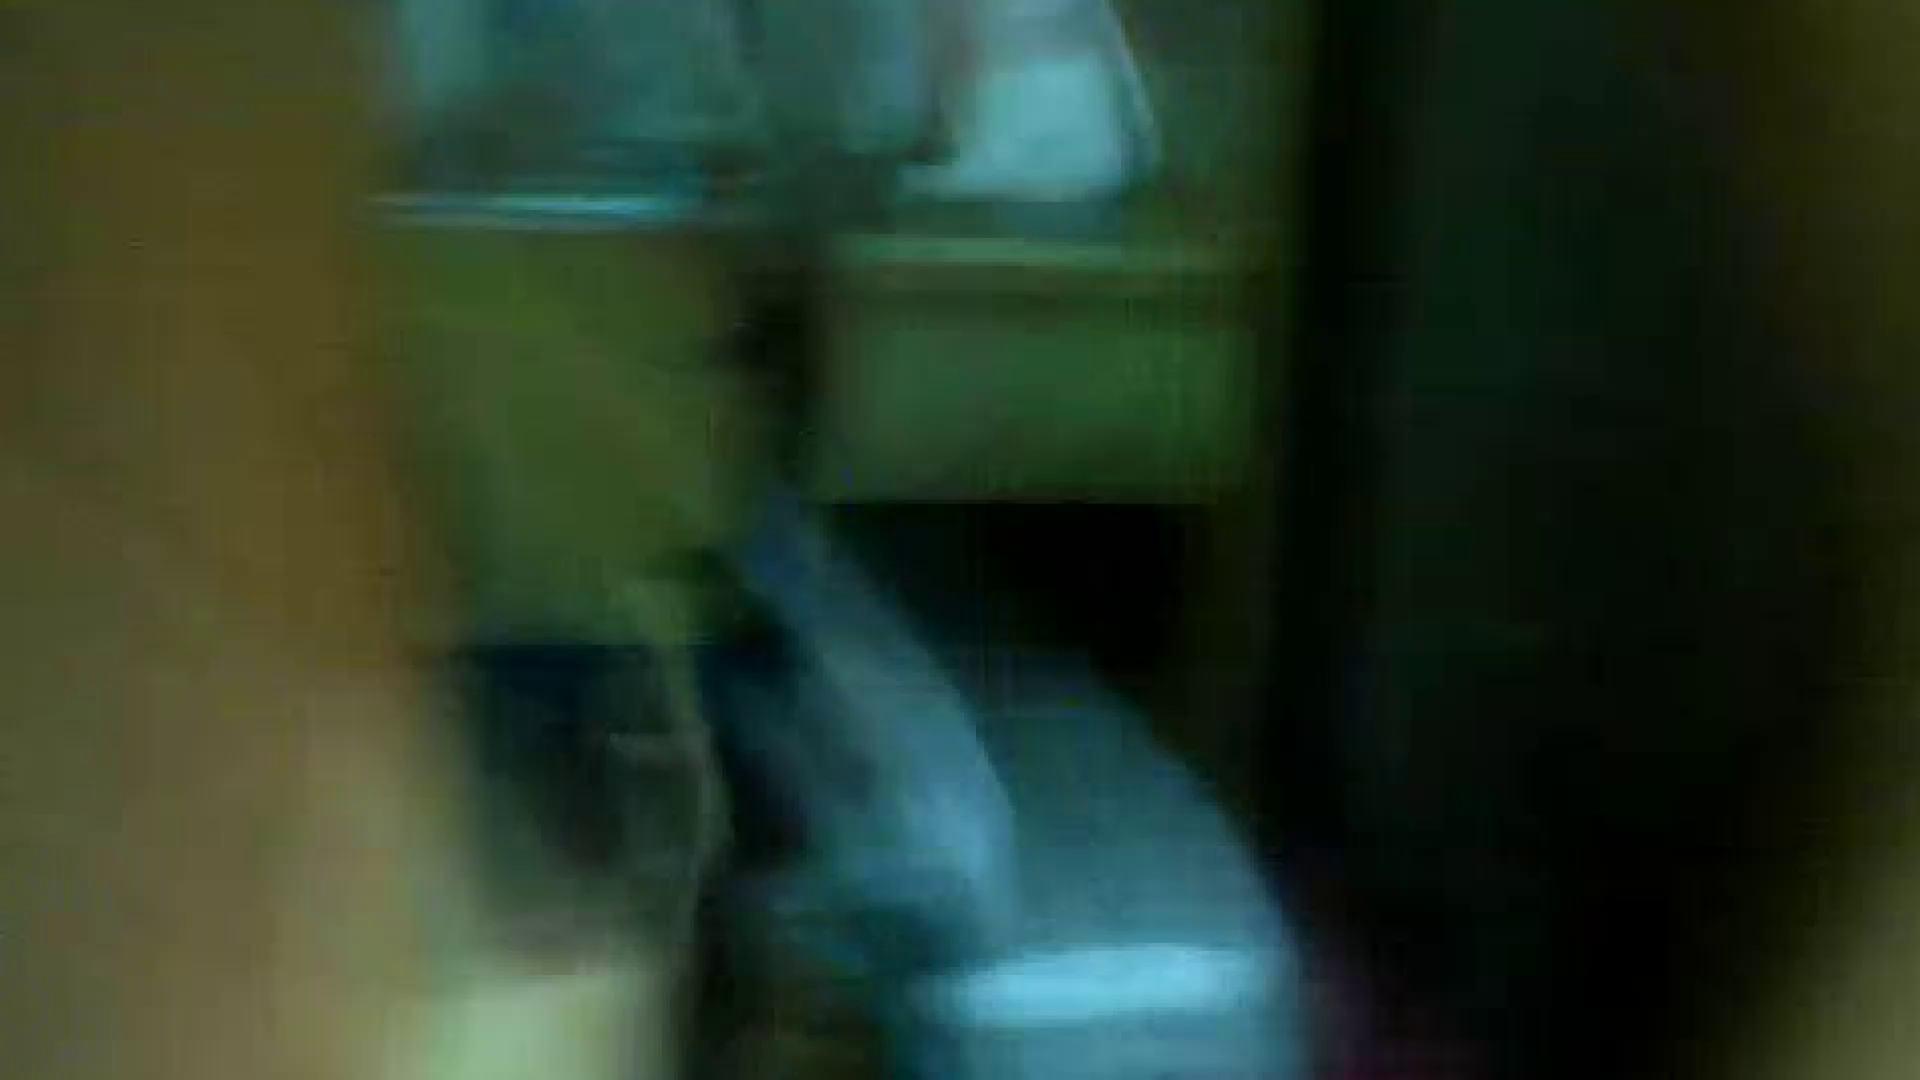 巨根 オナニー塾Vol.11 オナニー   モザ無し アダルトビデオ画像キャプチャ 77枚 22